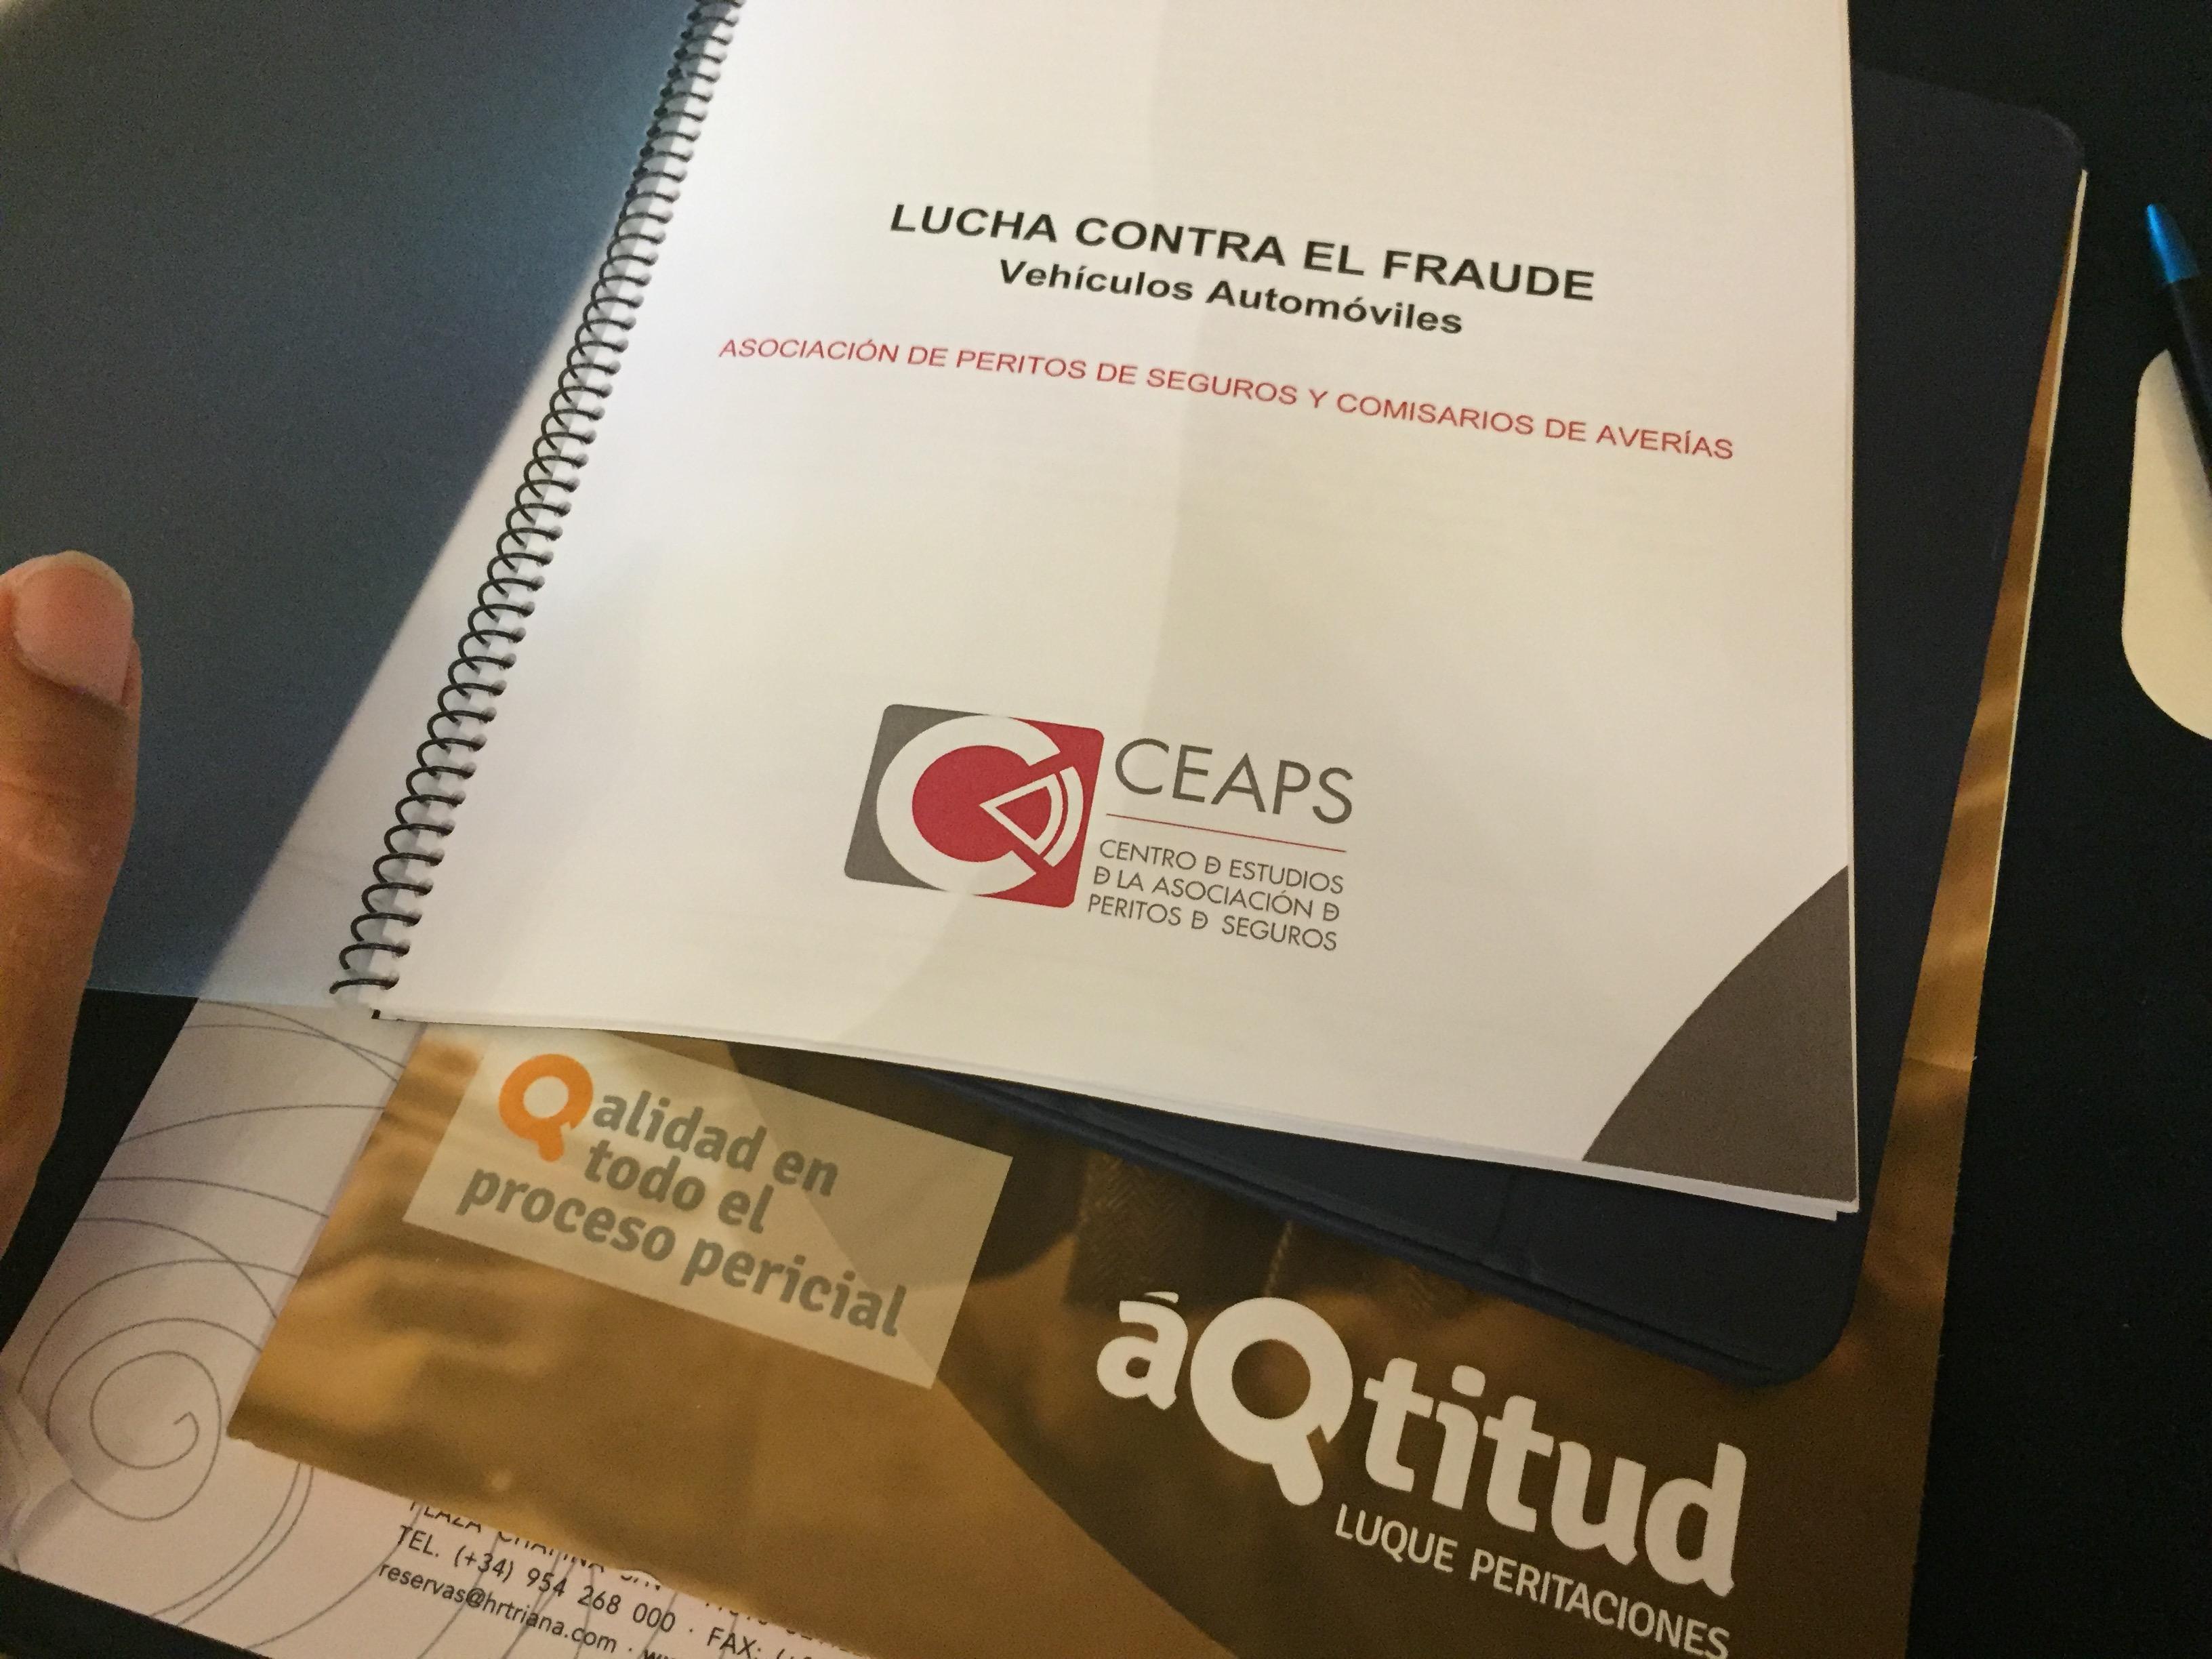 áQtitud Luque Peritaciones presente en el curso LUCHA CONTRA EL FRAUDE